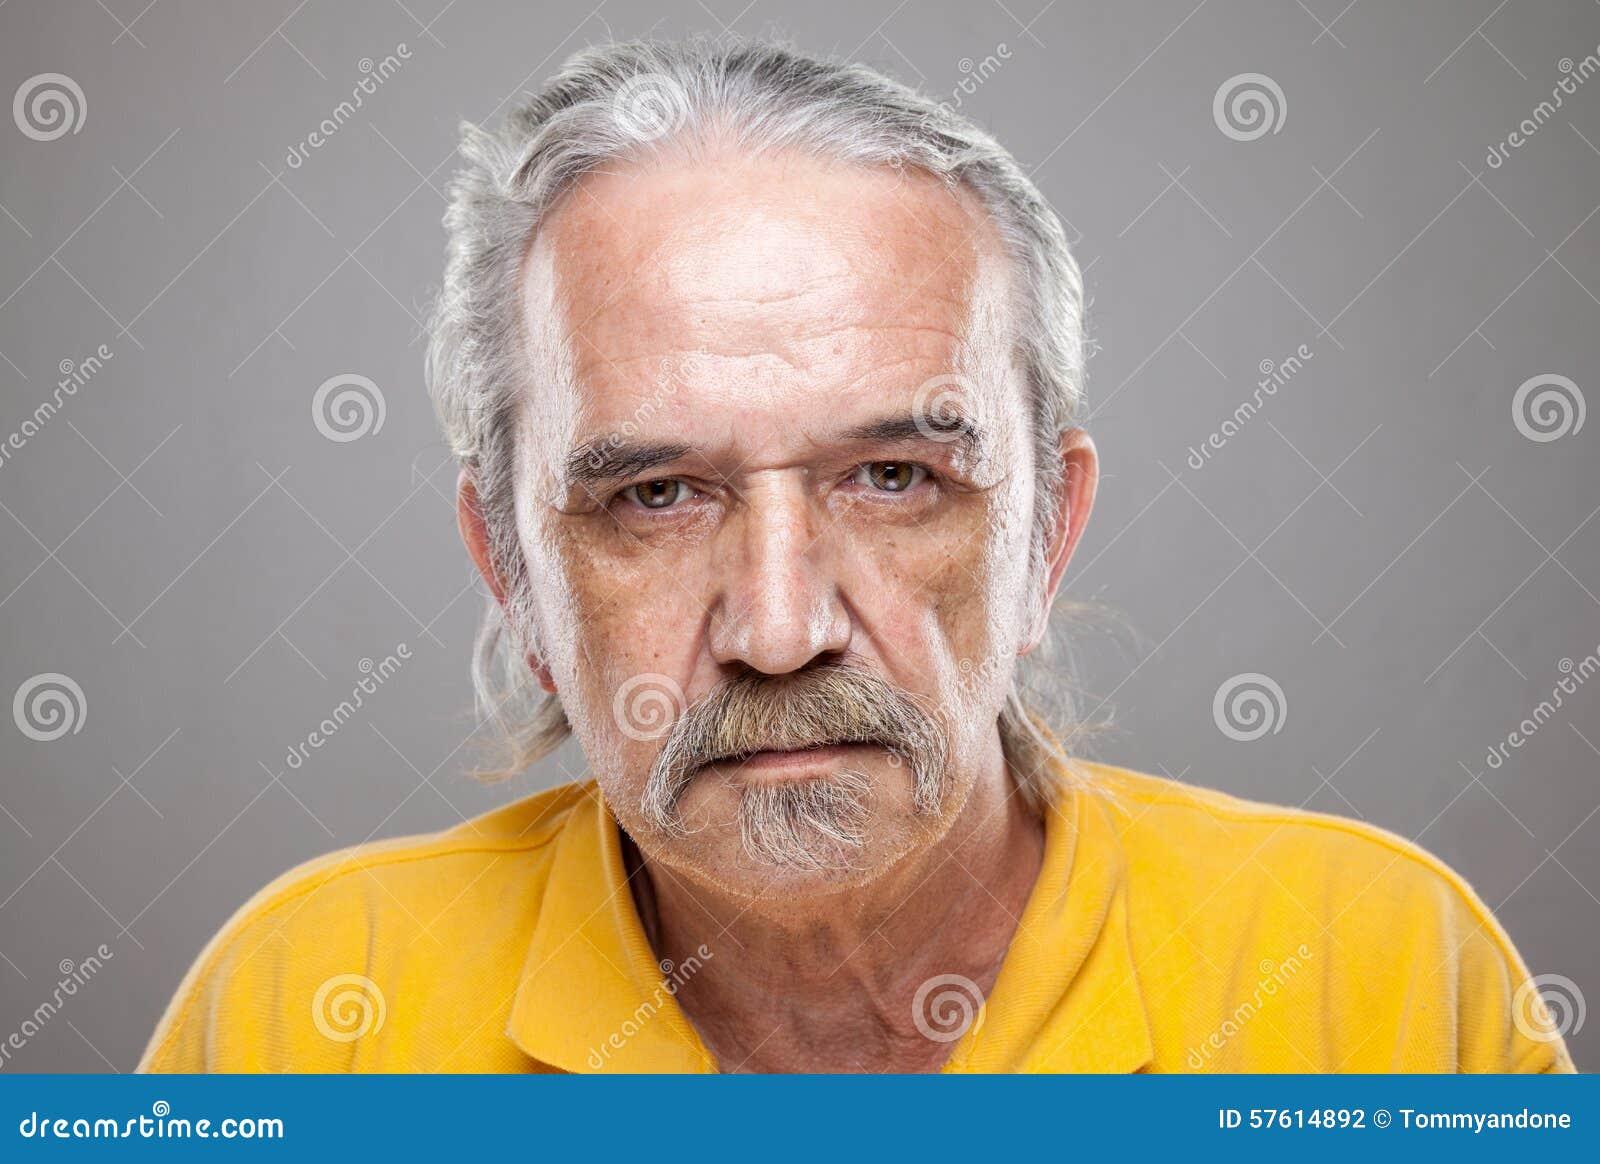 Portriat de um homem idoso